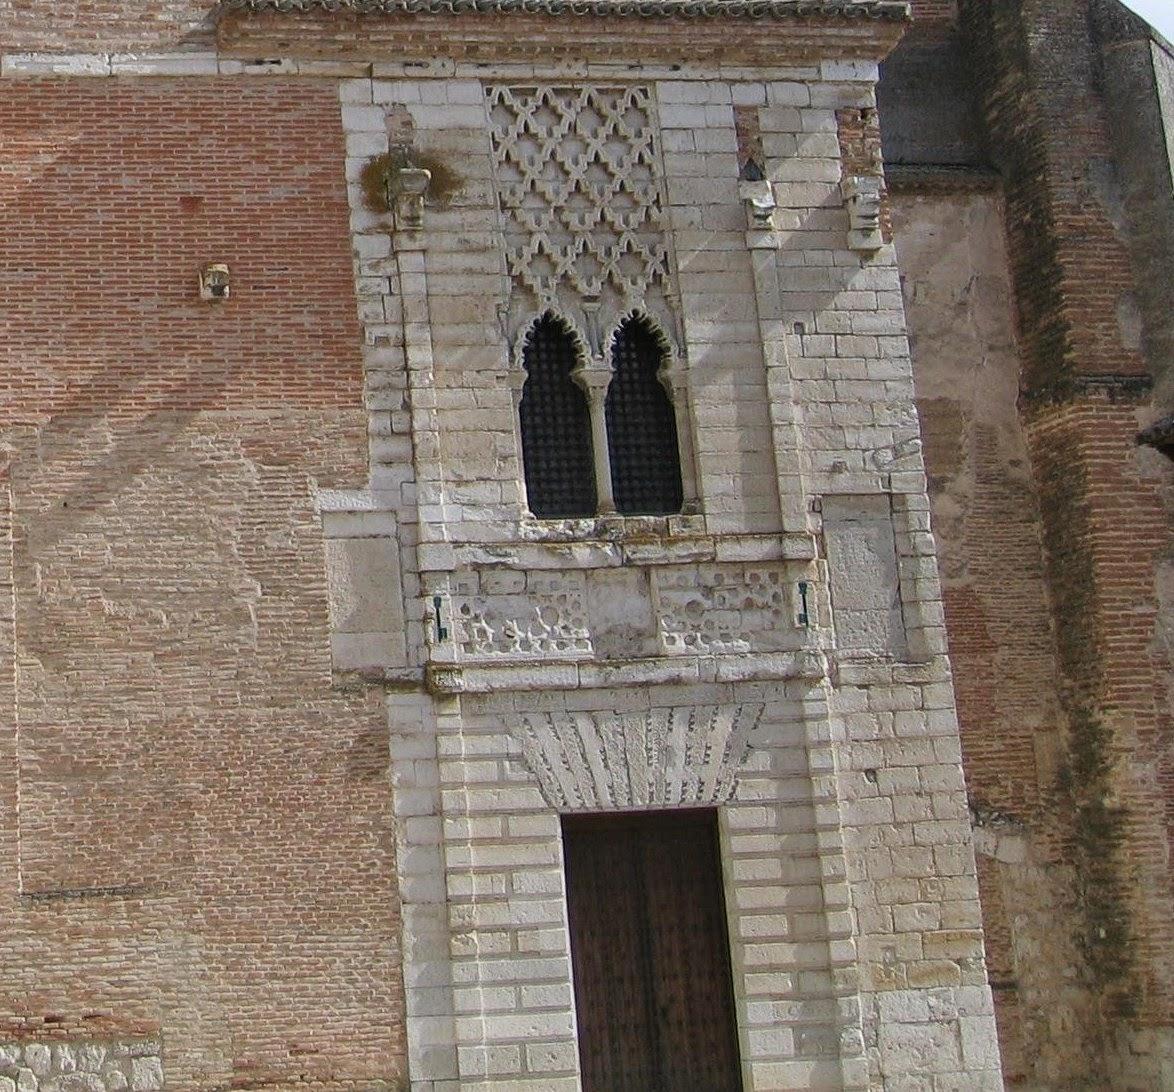 Baños Arabes Tordesillas: : Palacios medievales en Las Claras de Tordesillas (Valladolid